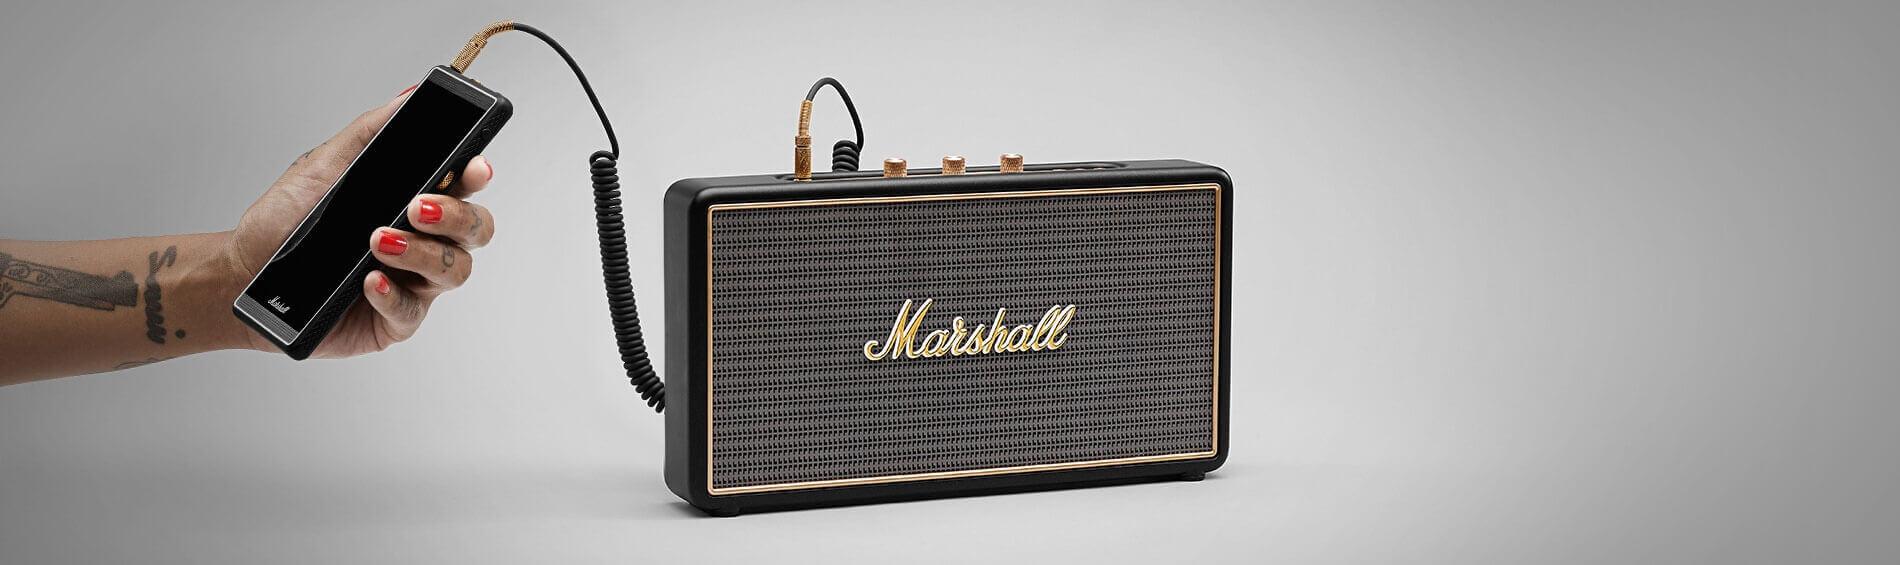 Marshall Stockwell Ασύρματο φορητό ηχείο σε μαύρο χρώμα με κάλυμμα